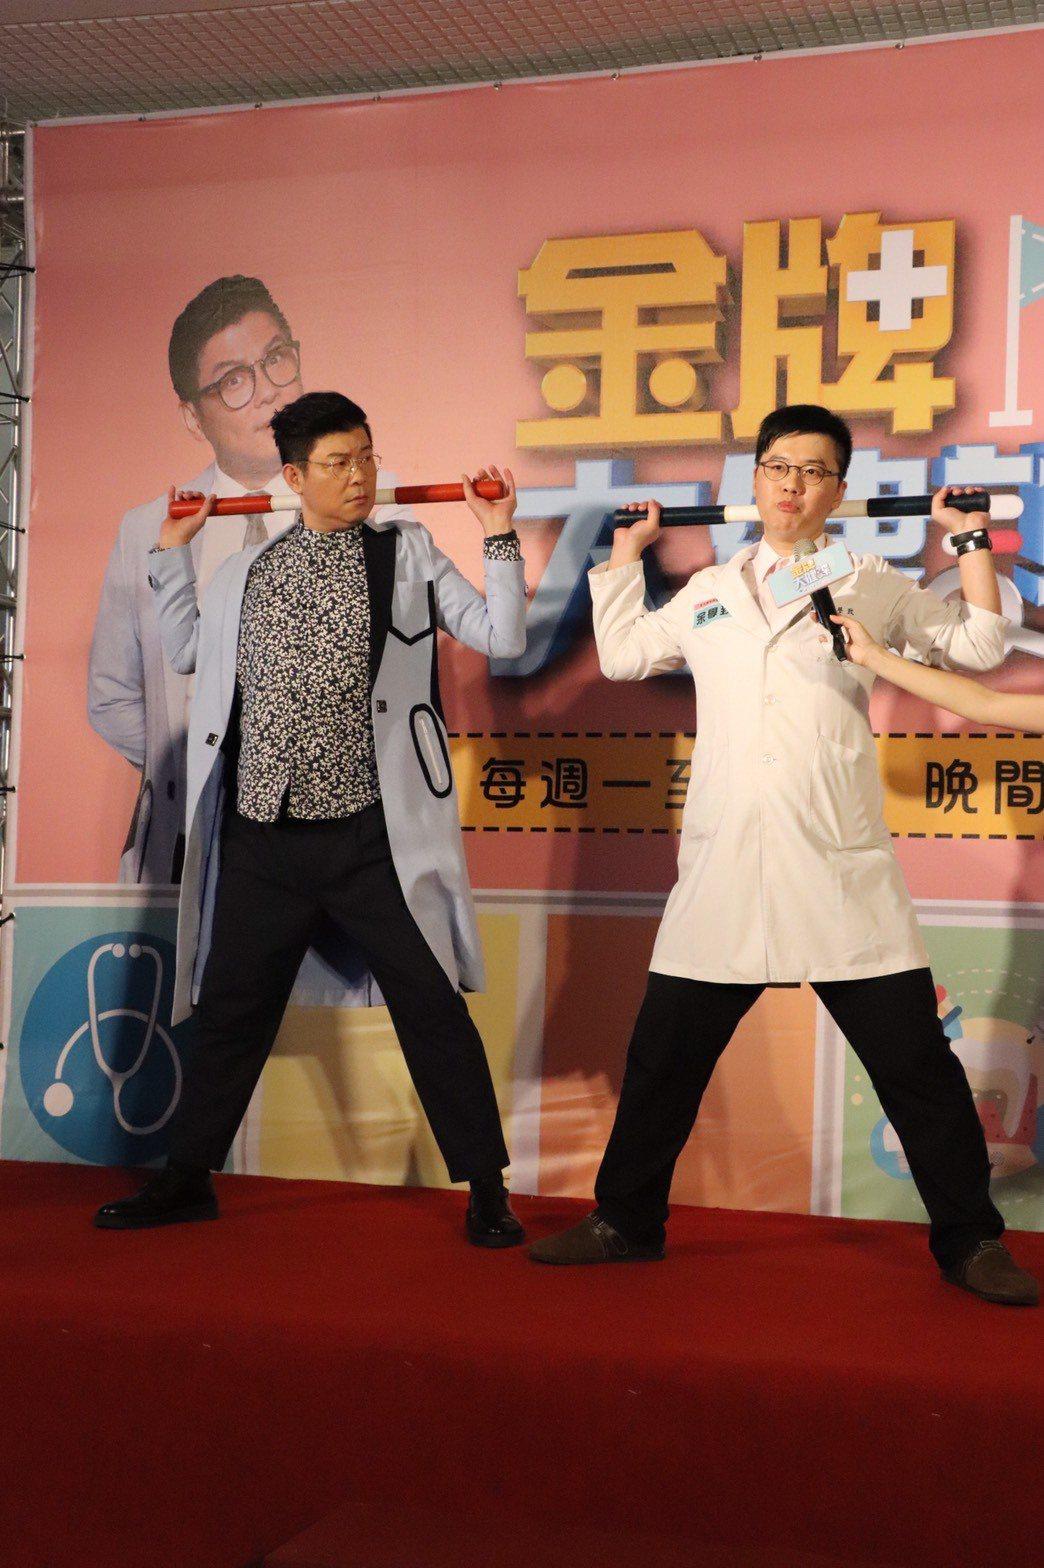 曾國城(左)為新節目赴台中做粉絲見面會,跟醫師同台教大家正確觀念。圖/中天提供